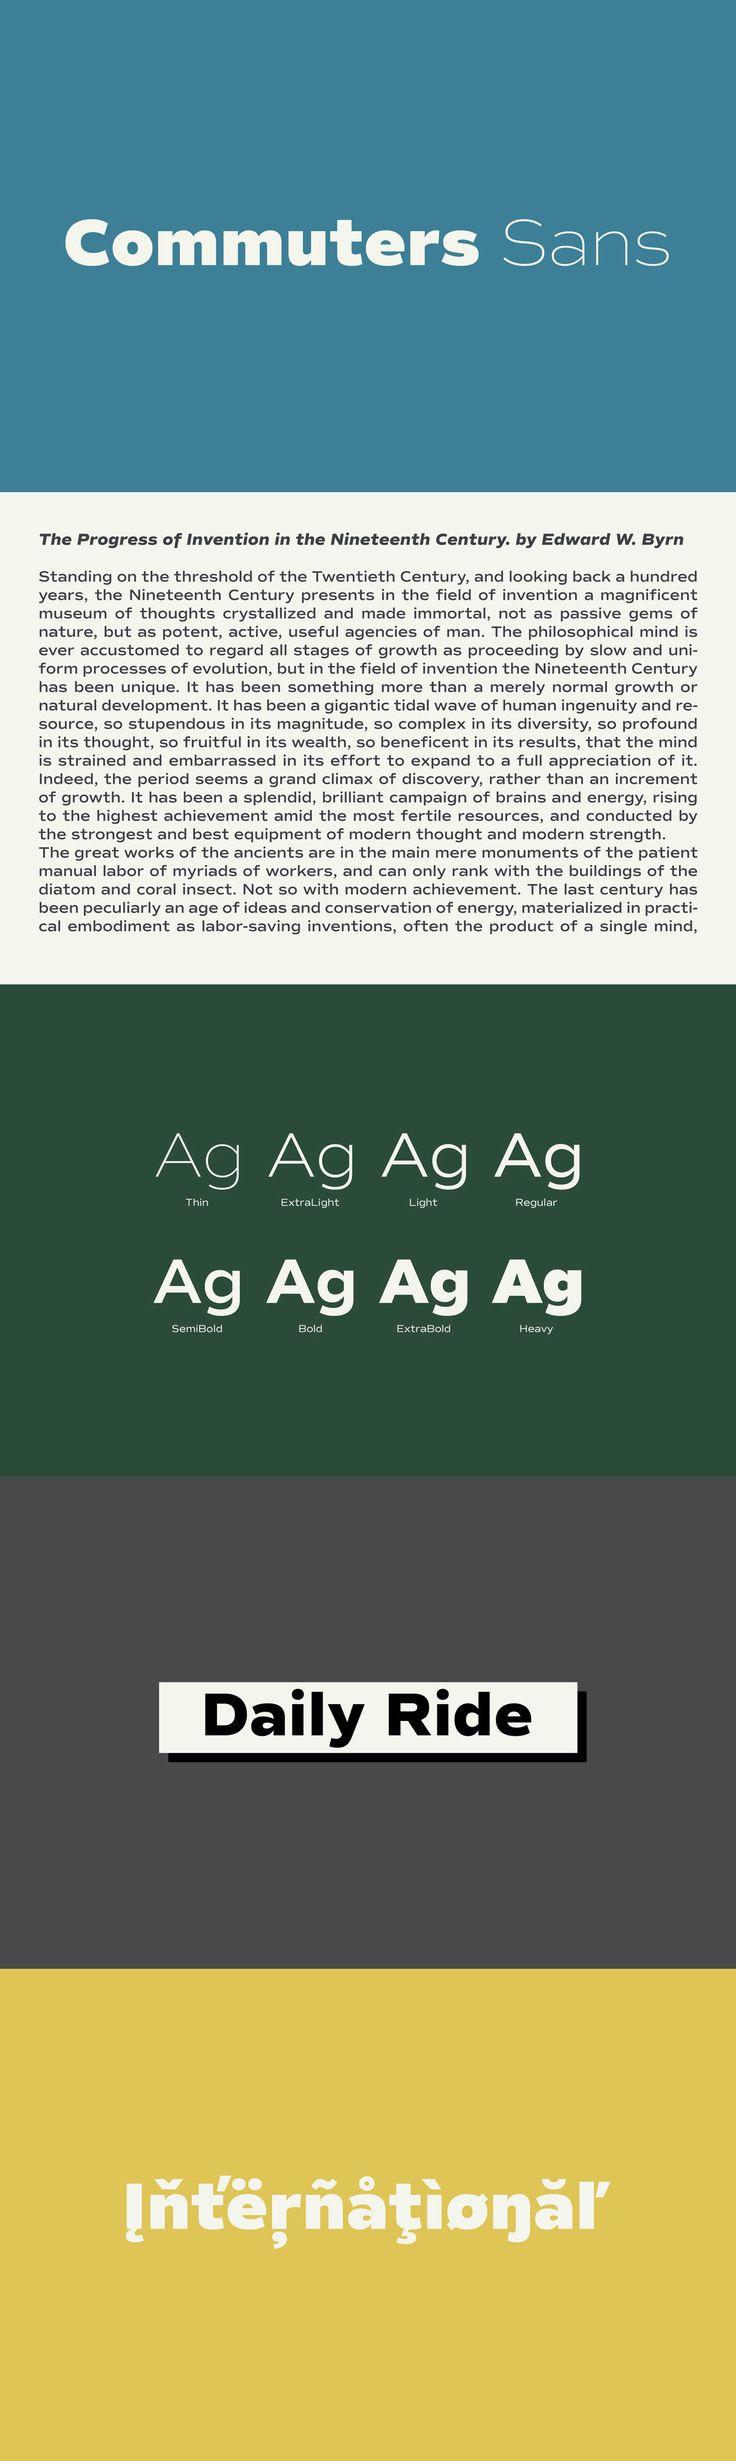 Commuters Sans by Flat-it